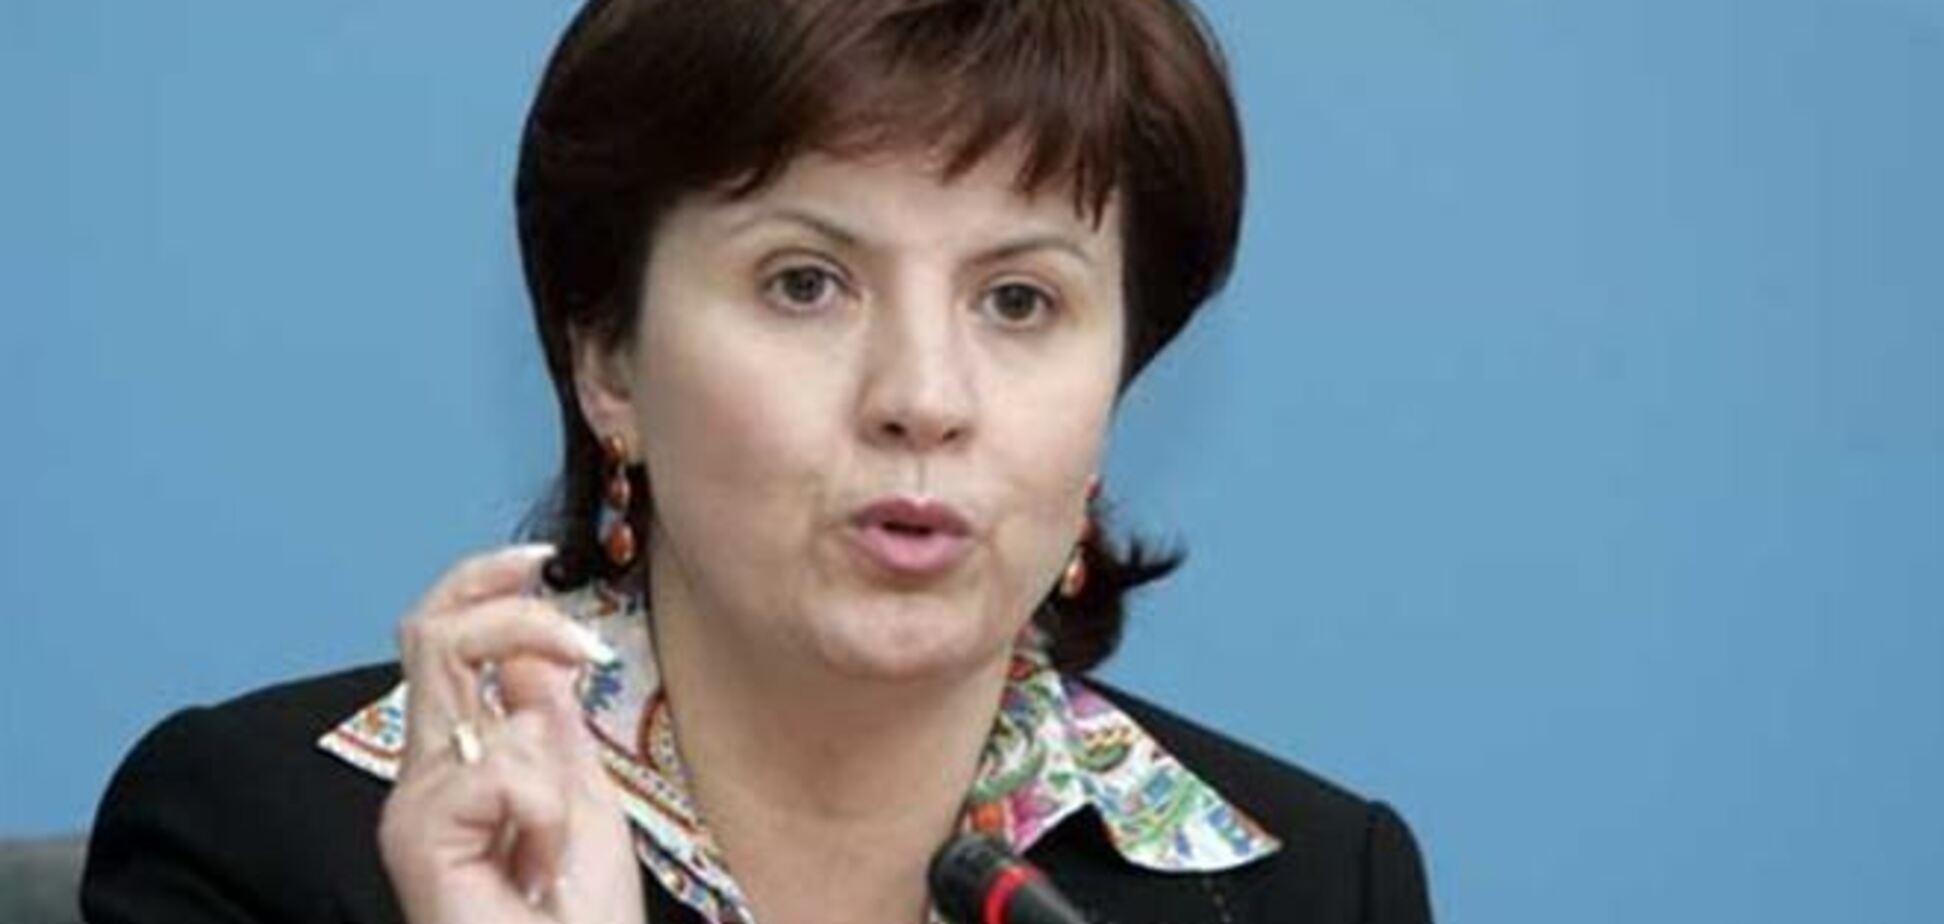 У України немає плану 'Б' на випадок непідписання Асоціації - Ставнійчук